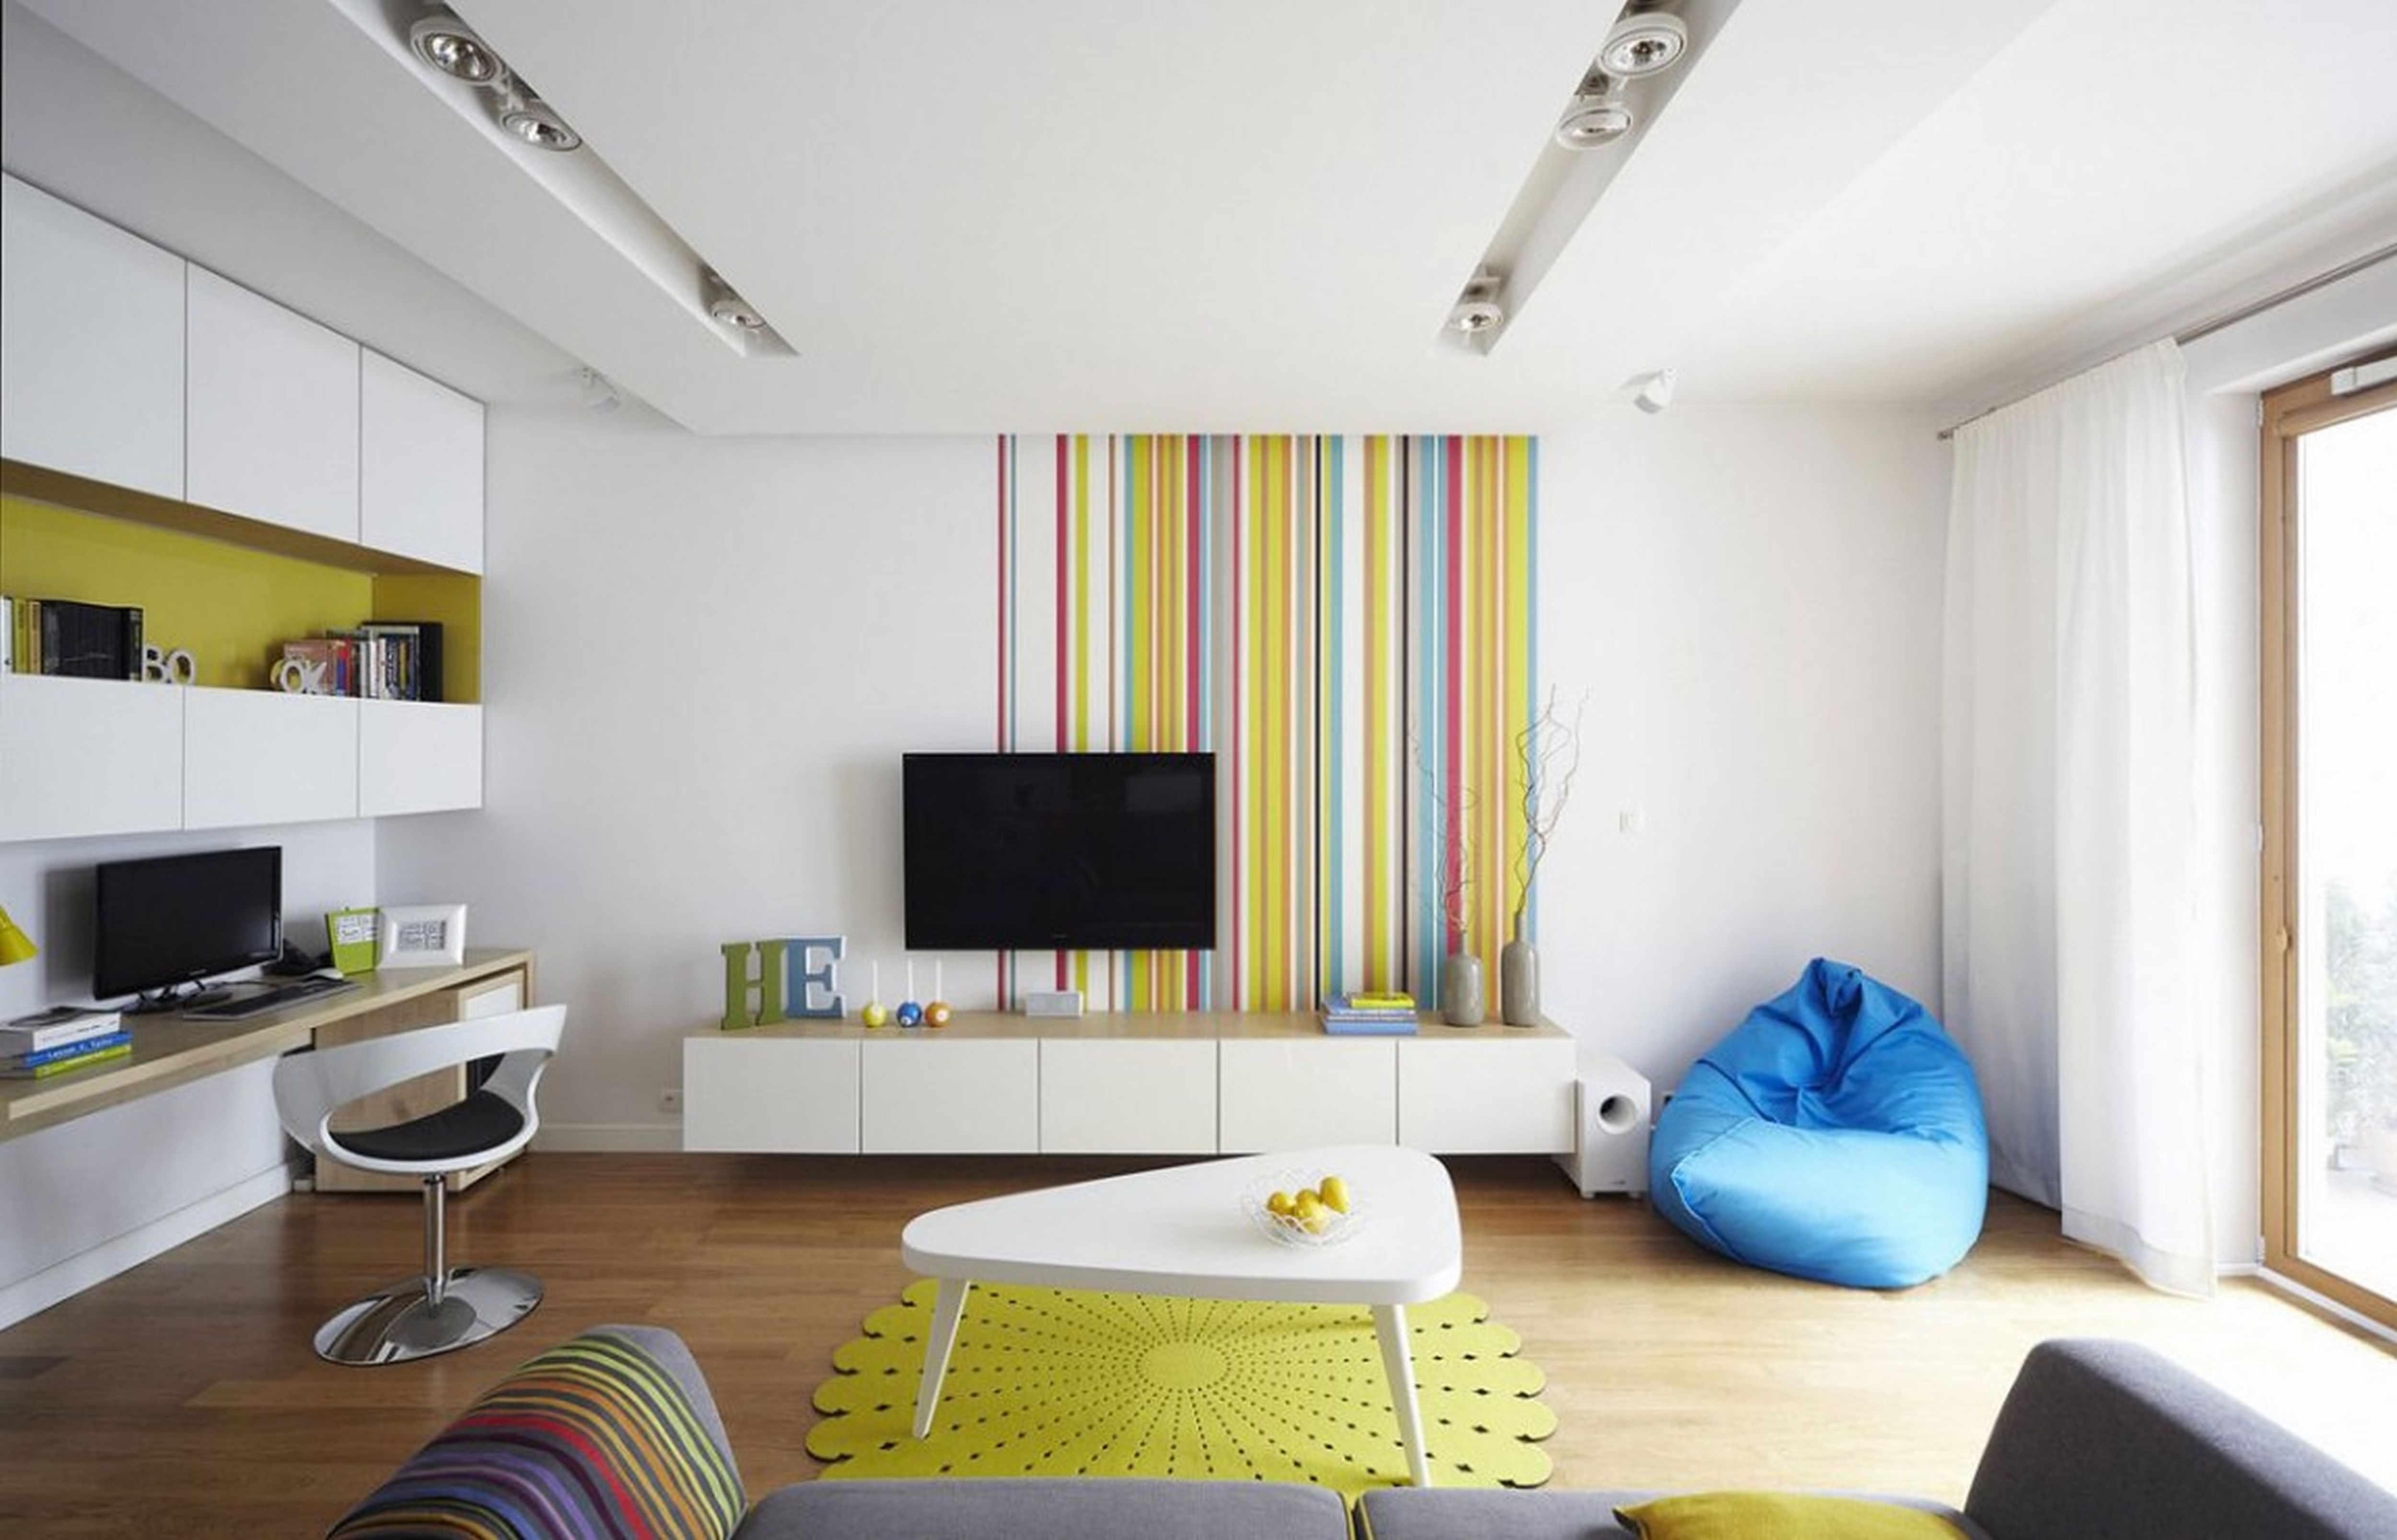 Яркие детали интерьера в комнате белого цвета